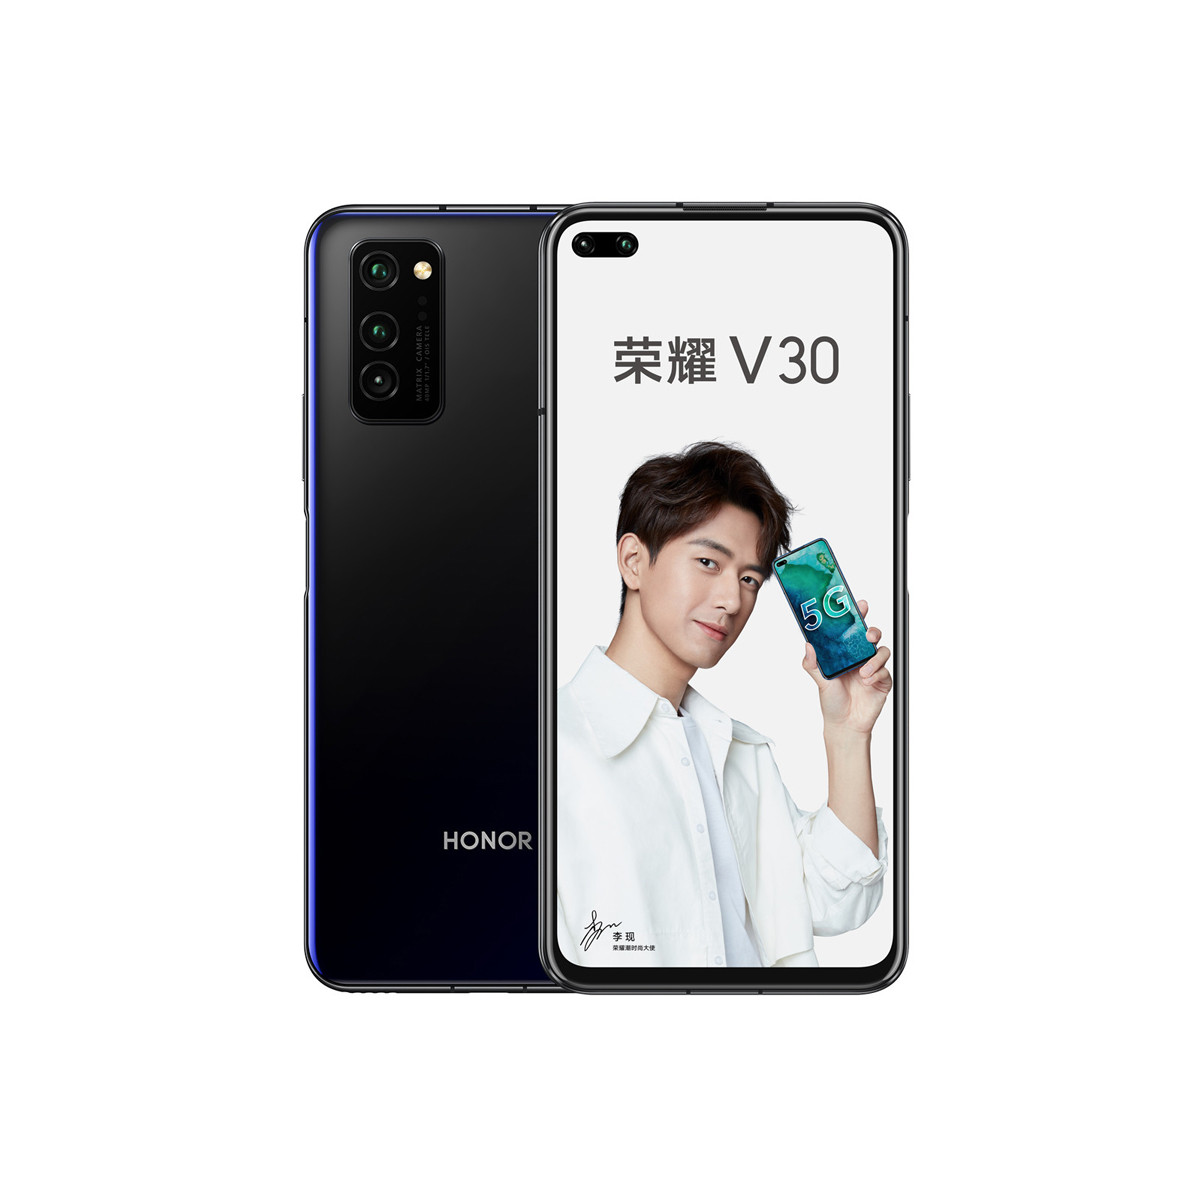 荣耀新品 荣耀V30 6GB+128GB双模5G全国通 智能手机荣耀V30 标配 黑